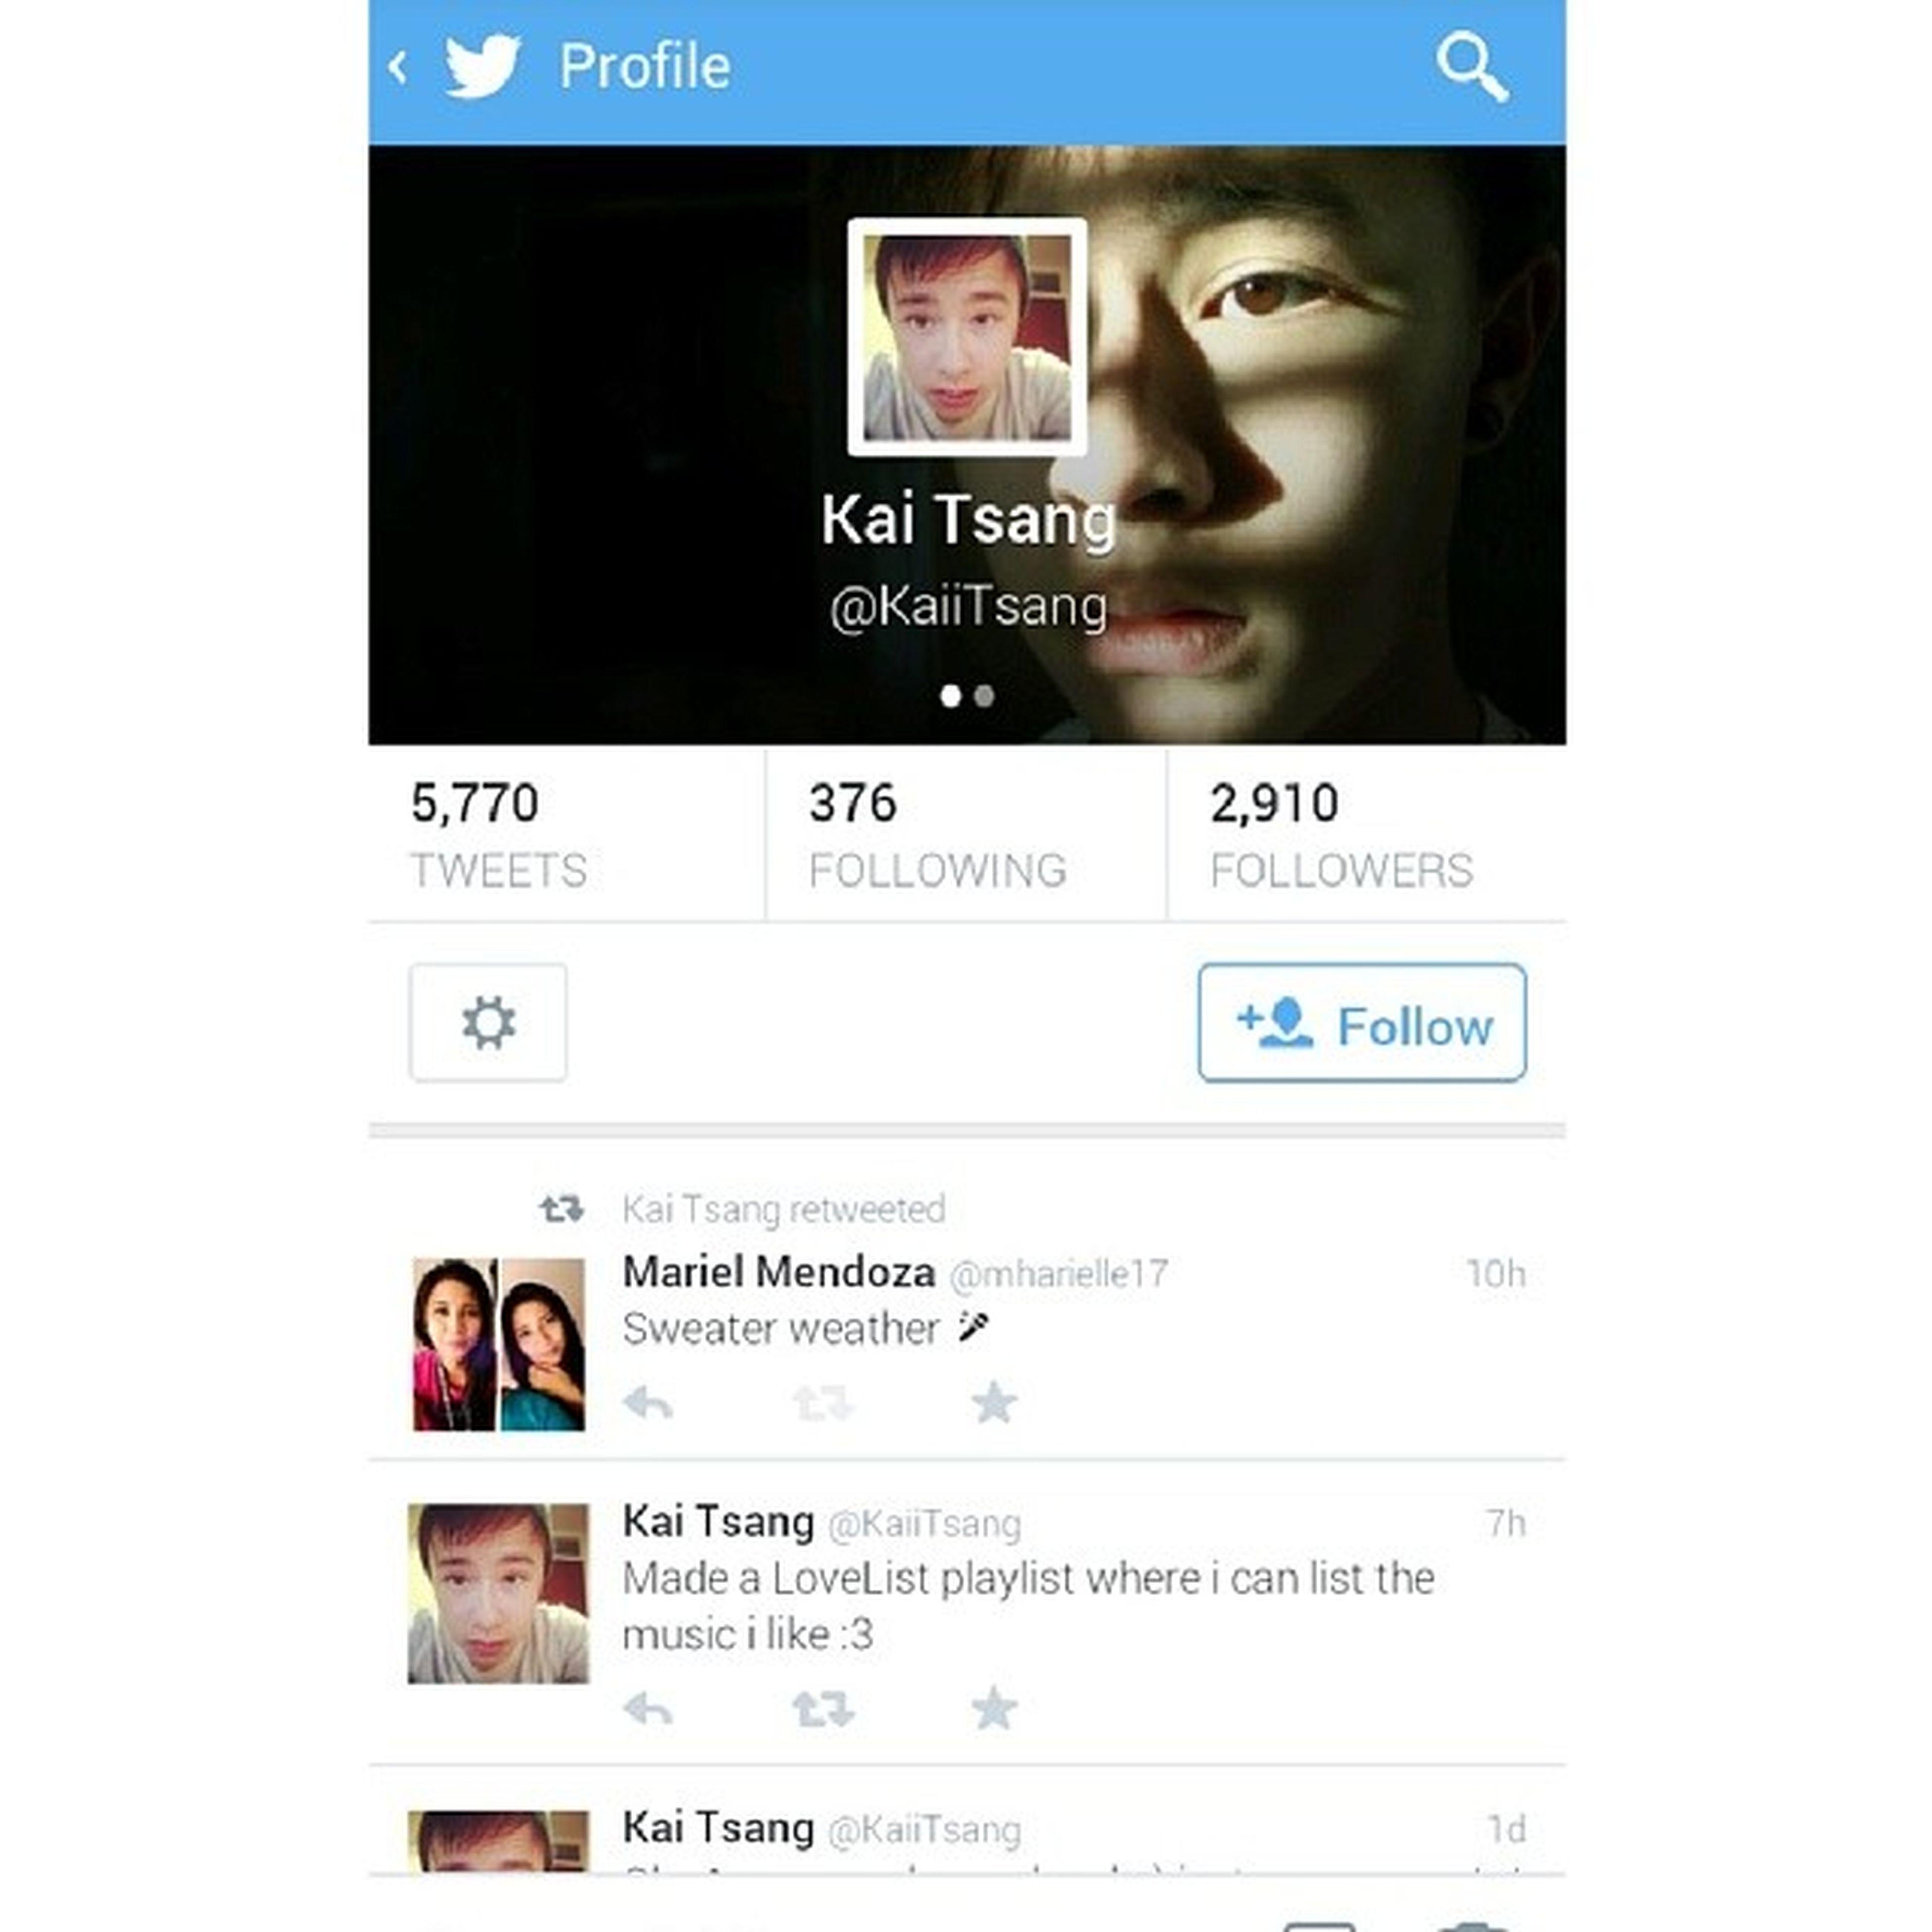 Kai tsang re tweeted! I do love his cover :) Kaitsang @kaiitsang